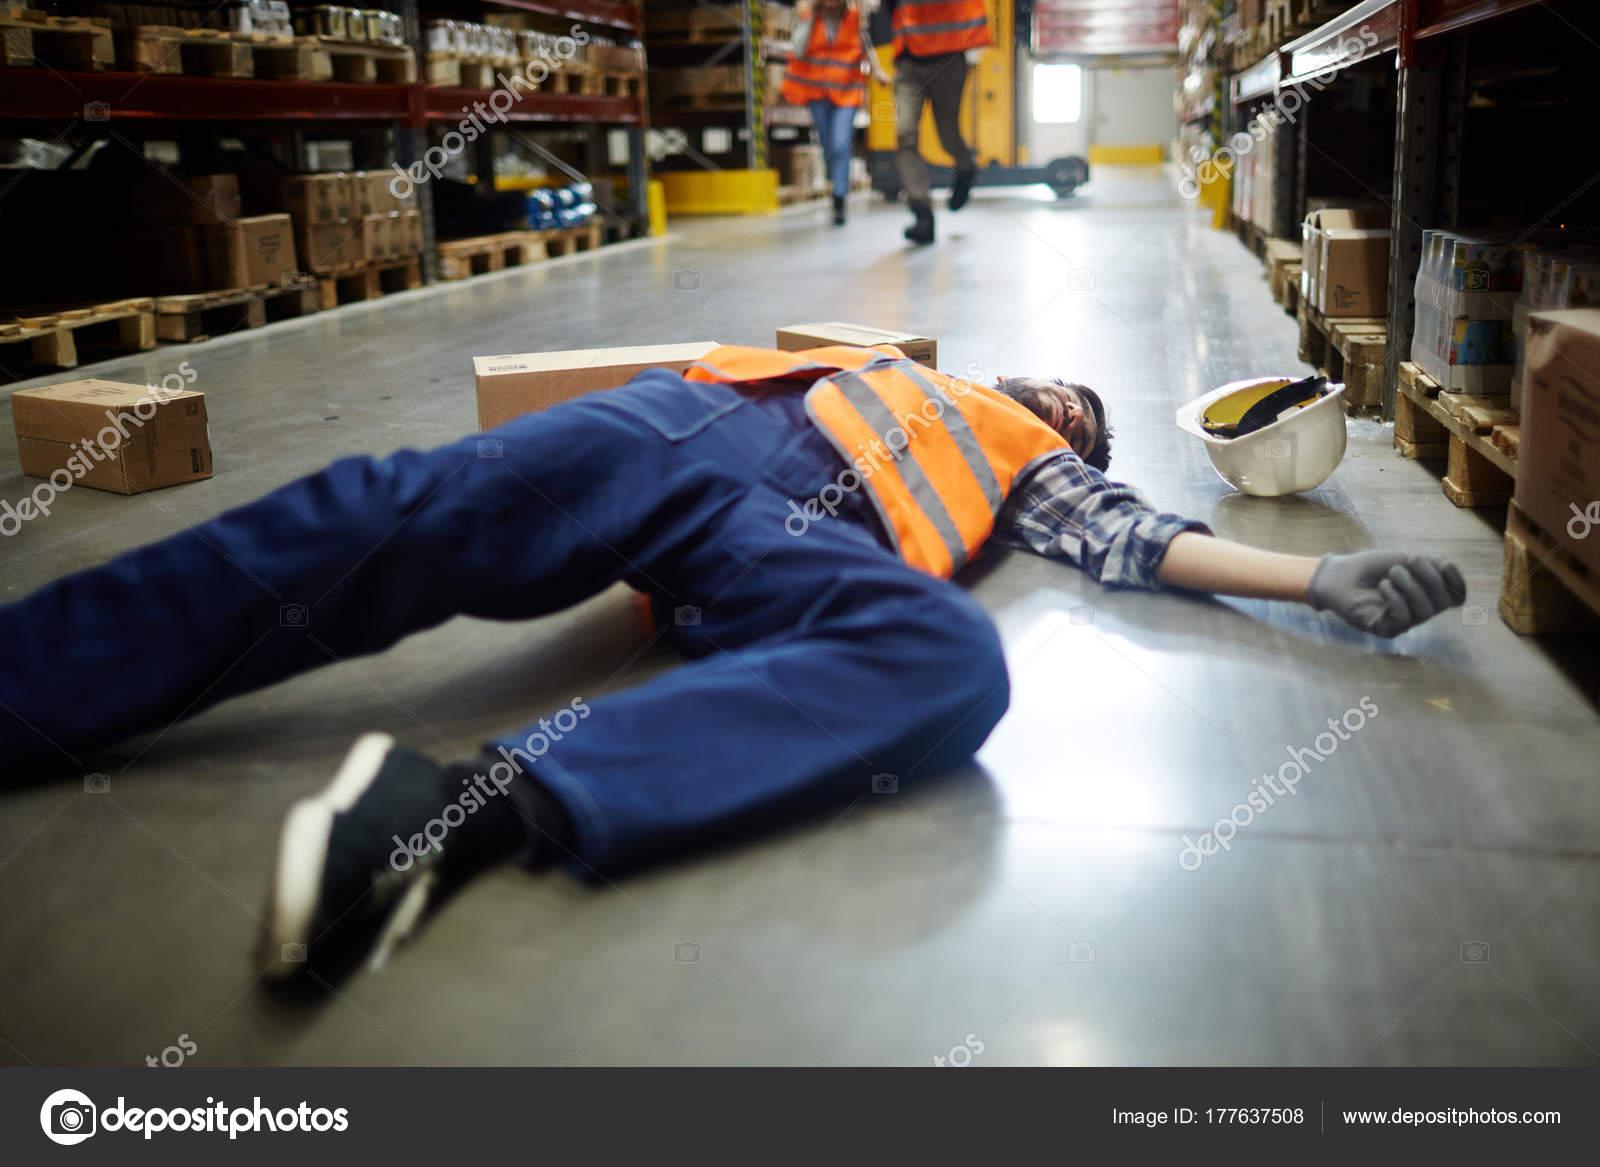 Trabajador ca do tendido suelo pasillo entre estanter as - Estanterias de almacenaje ...